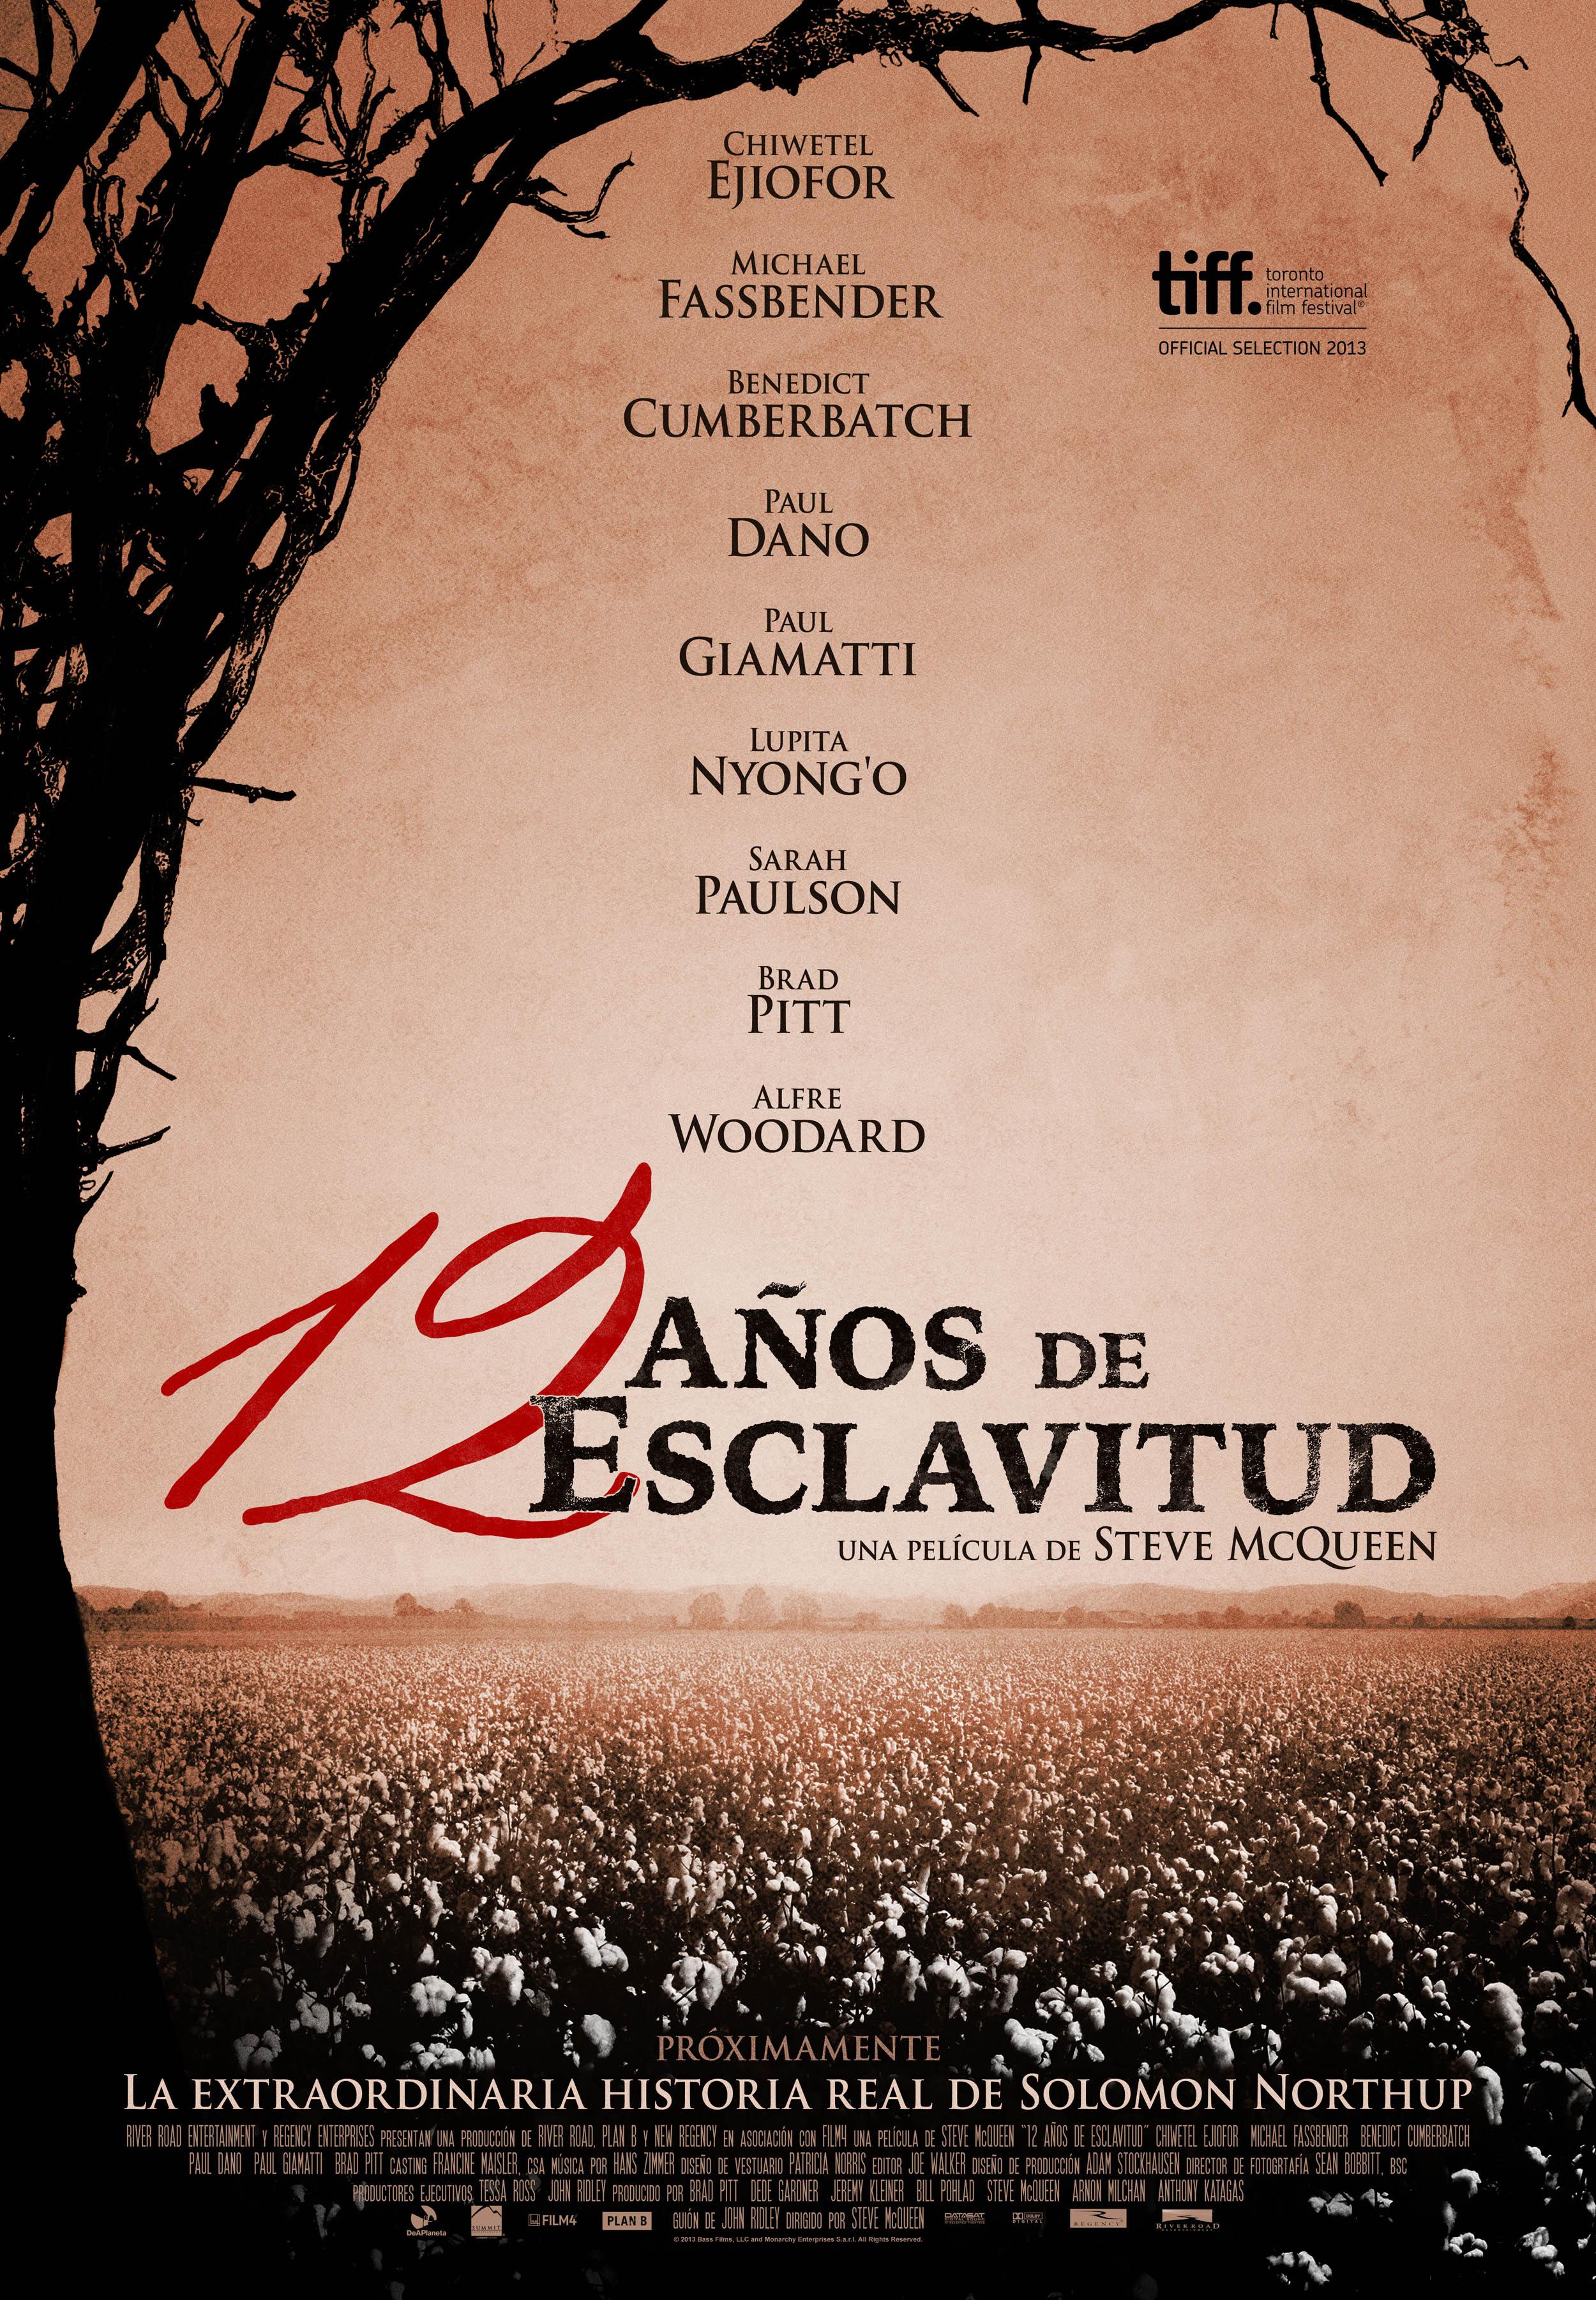 """. """"12 Años de esclavitud"""" retrasó su fecha de estreno.La película se estrenará el 13 de diciembre. Sinopsis:En los años previos a la Guerra Civil de Estados Unidos, Solomon Northup […]"""